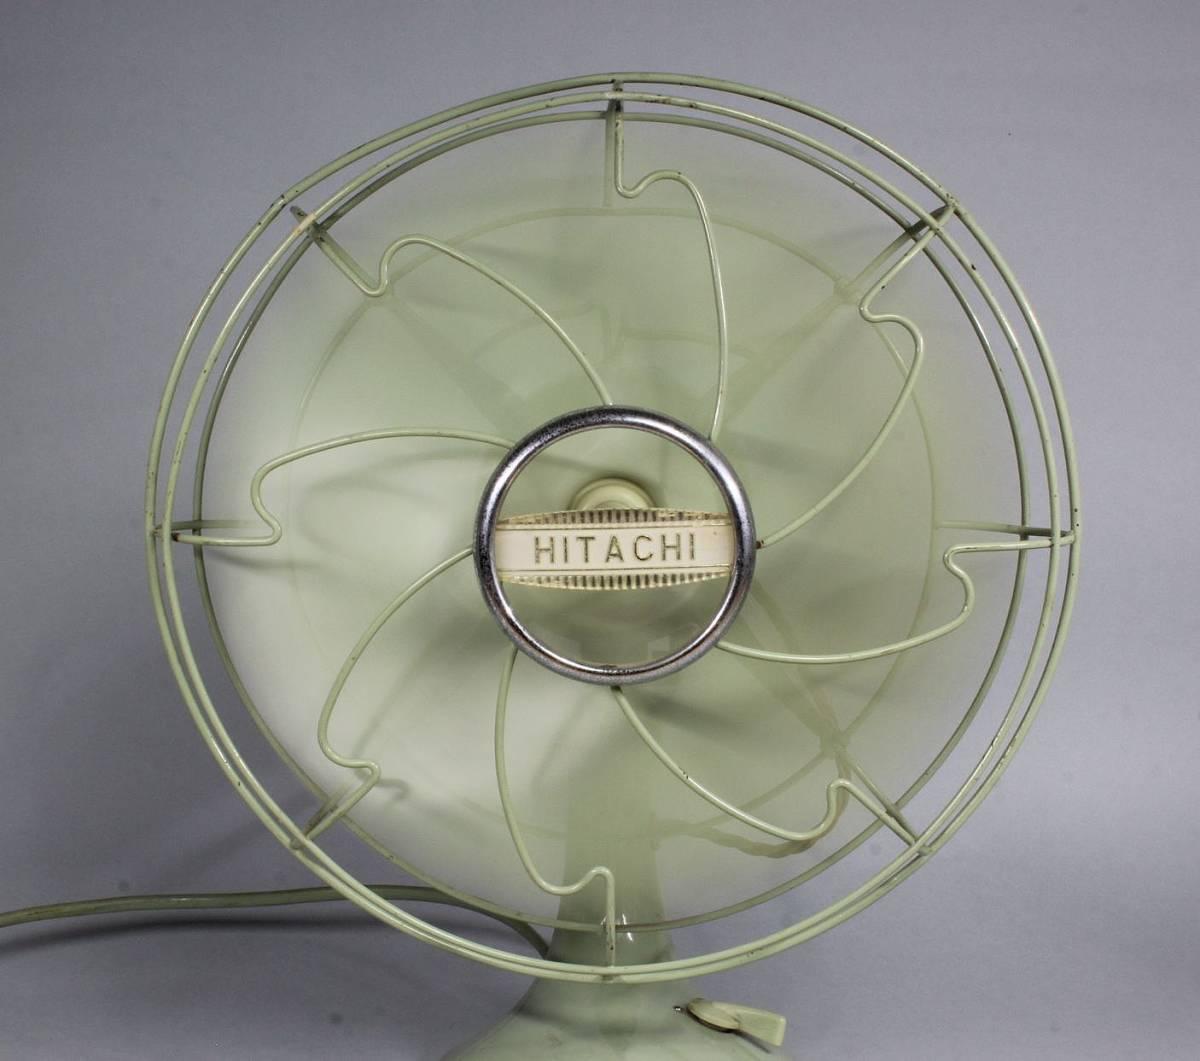 HITACHI 日立 A.C. DESK FAN/ M-6032 扇風機 可動品 首振り 動作確認済み 当時の箱付き /昭和レトロ レトロ扇風機 アンティーク _画像10